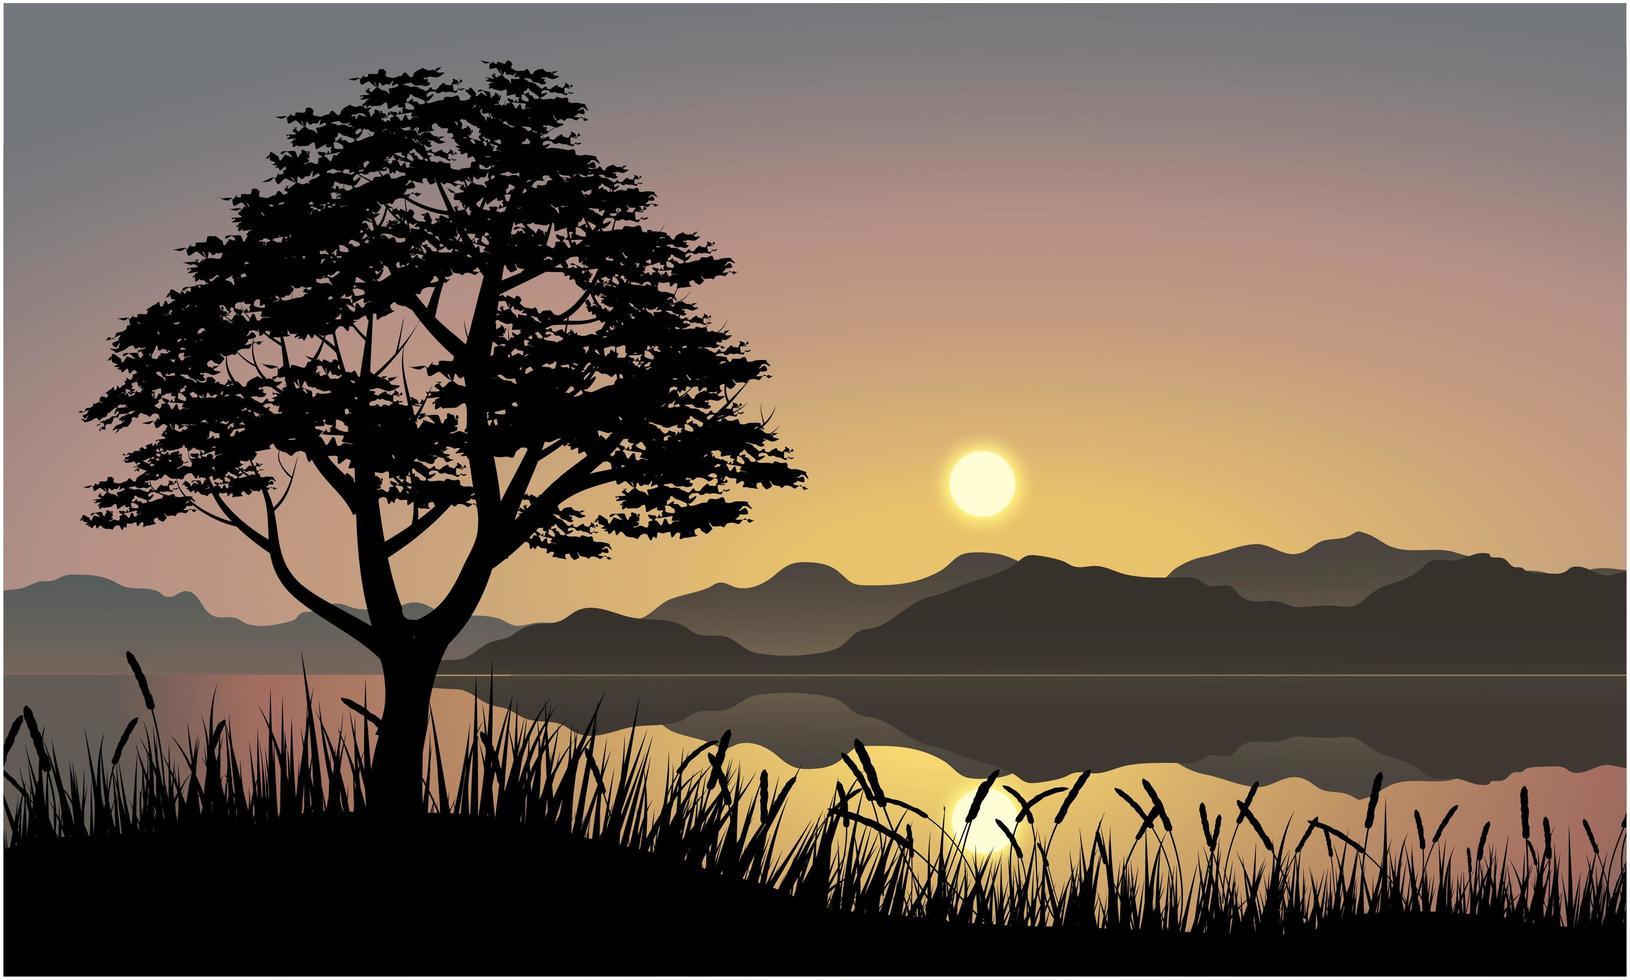 coucher de soleil reflétant sur l'eau au-dessus du paysage de montagnes vecteur